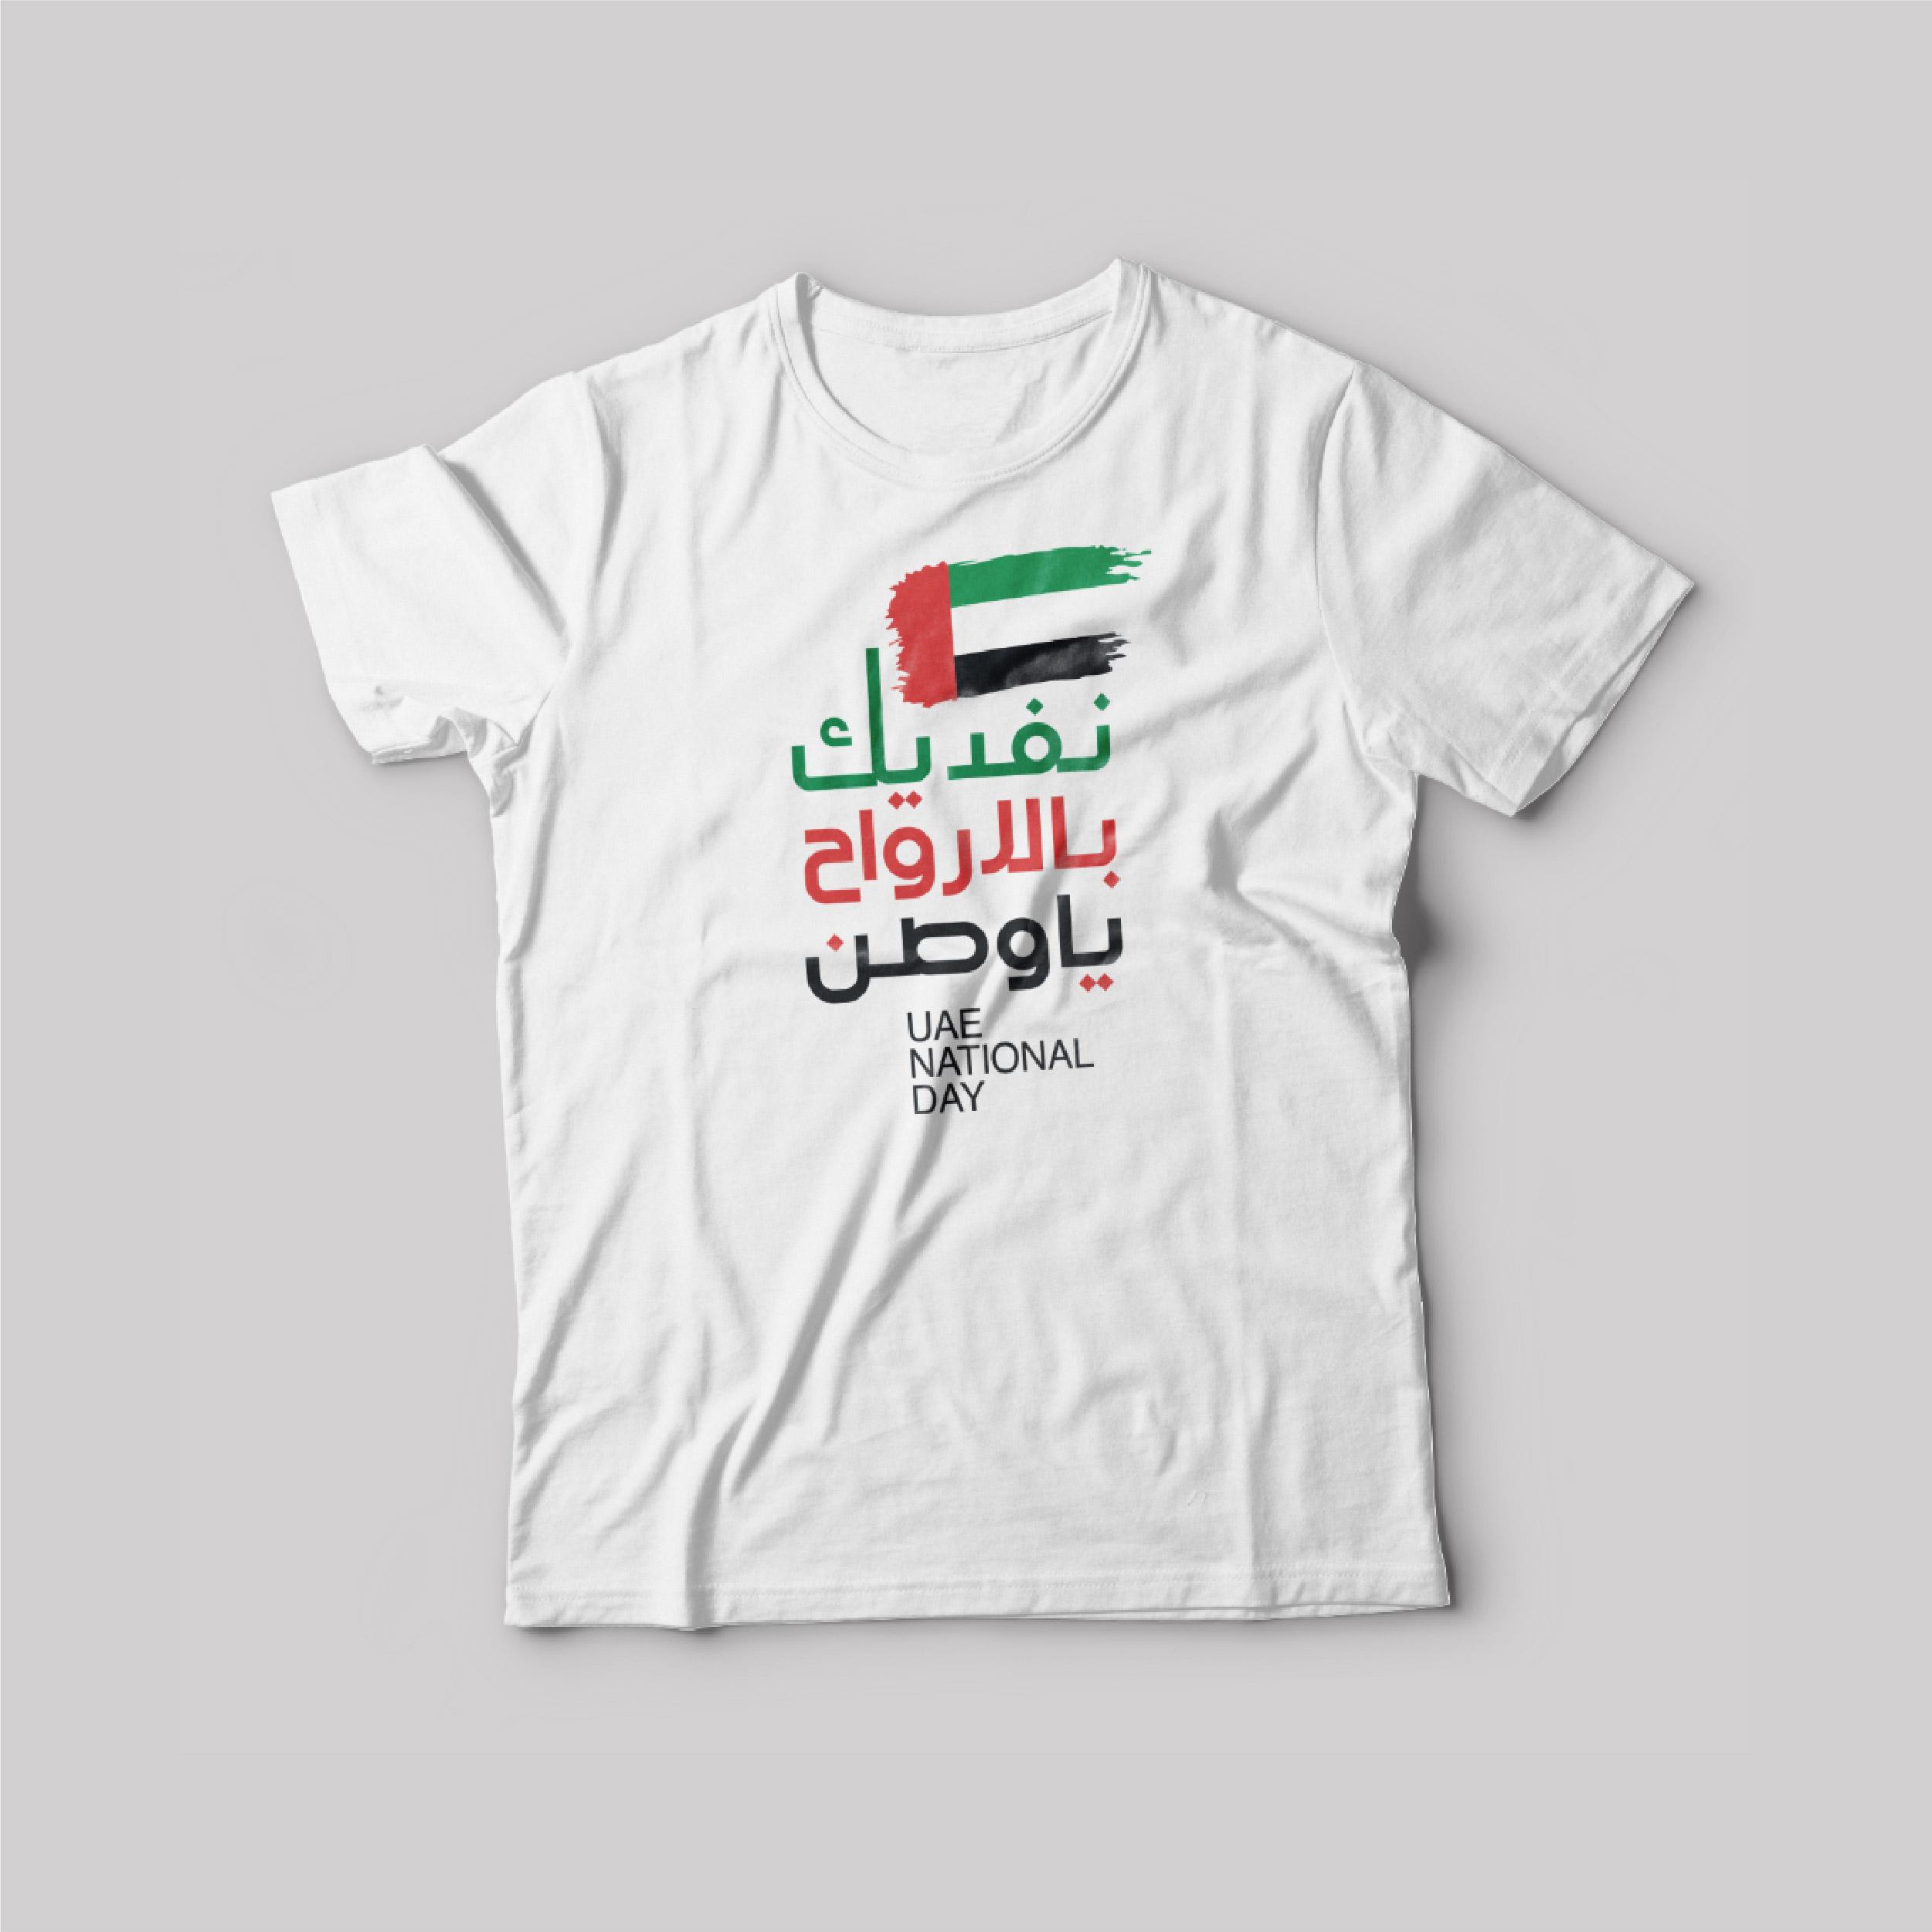 UAE National day T-Shirt White Round Neck For Unisex with UAE Flag